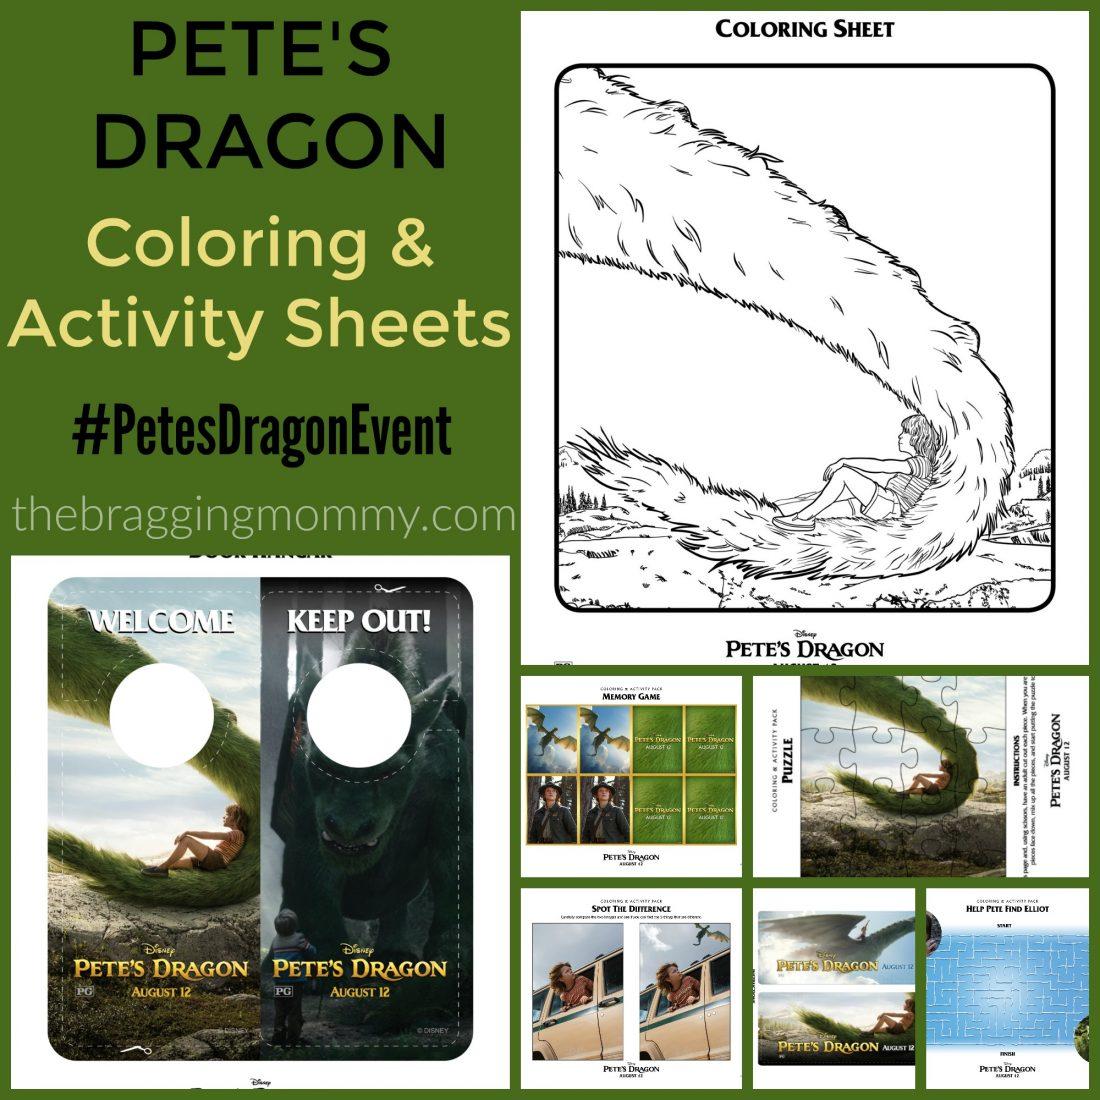 petesdragoncoloring&activitysheets